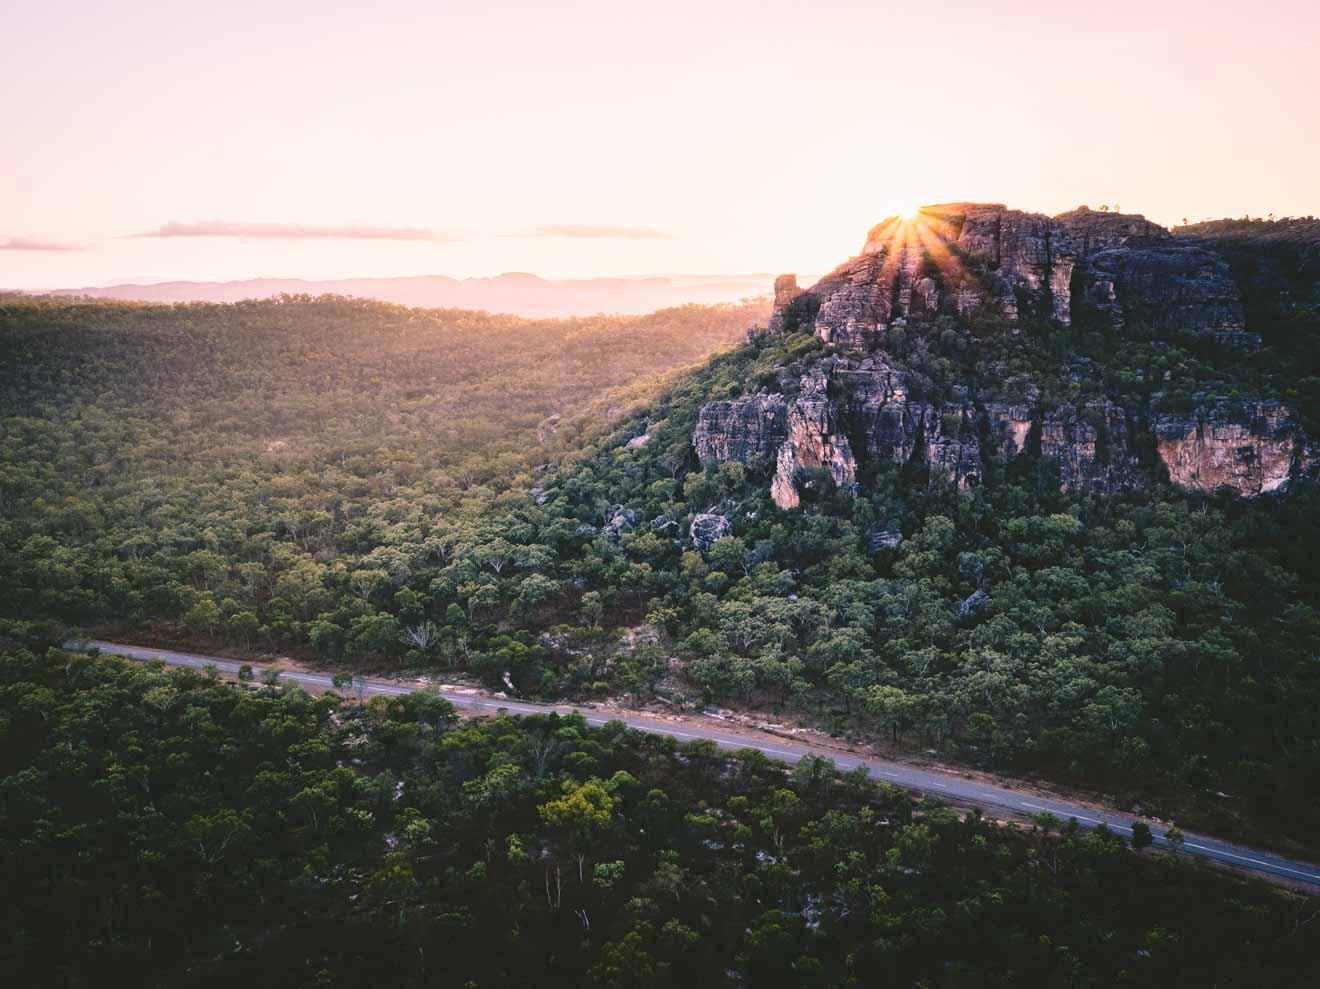 belle vue choses à faire à Kakadu road tour itinéraire